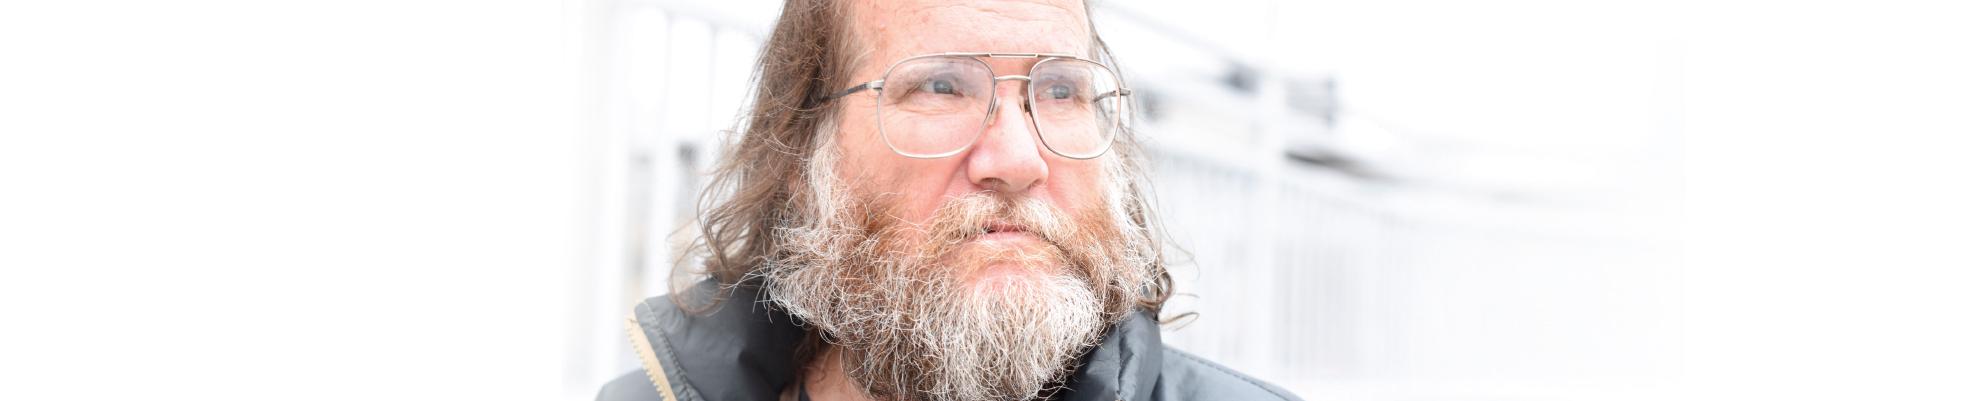 Homeless Not Hopeless: Kenneth's Story